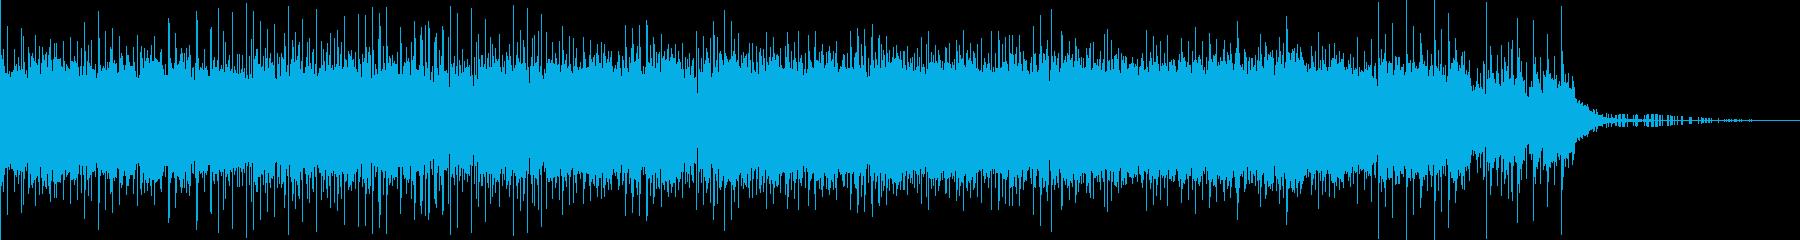 ヒップホップ系の静かなBGMですの再生済みの波形